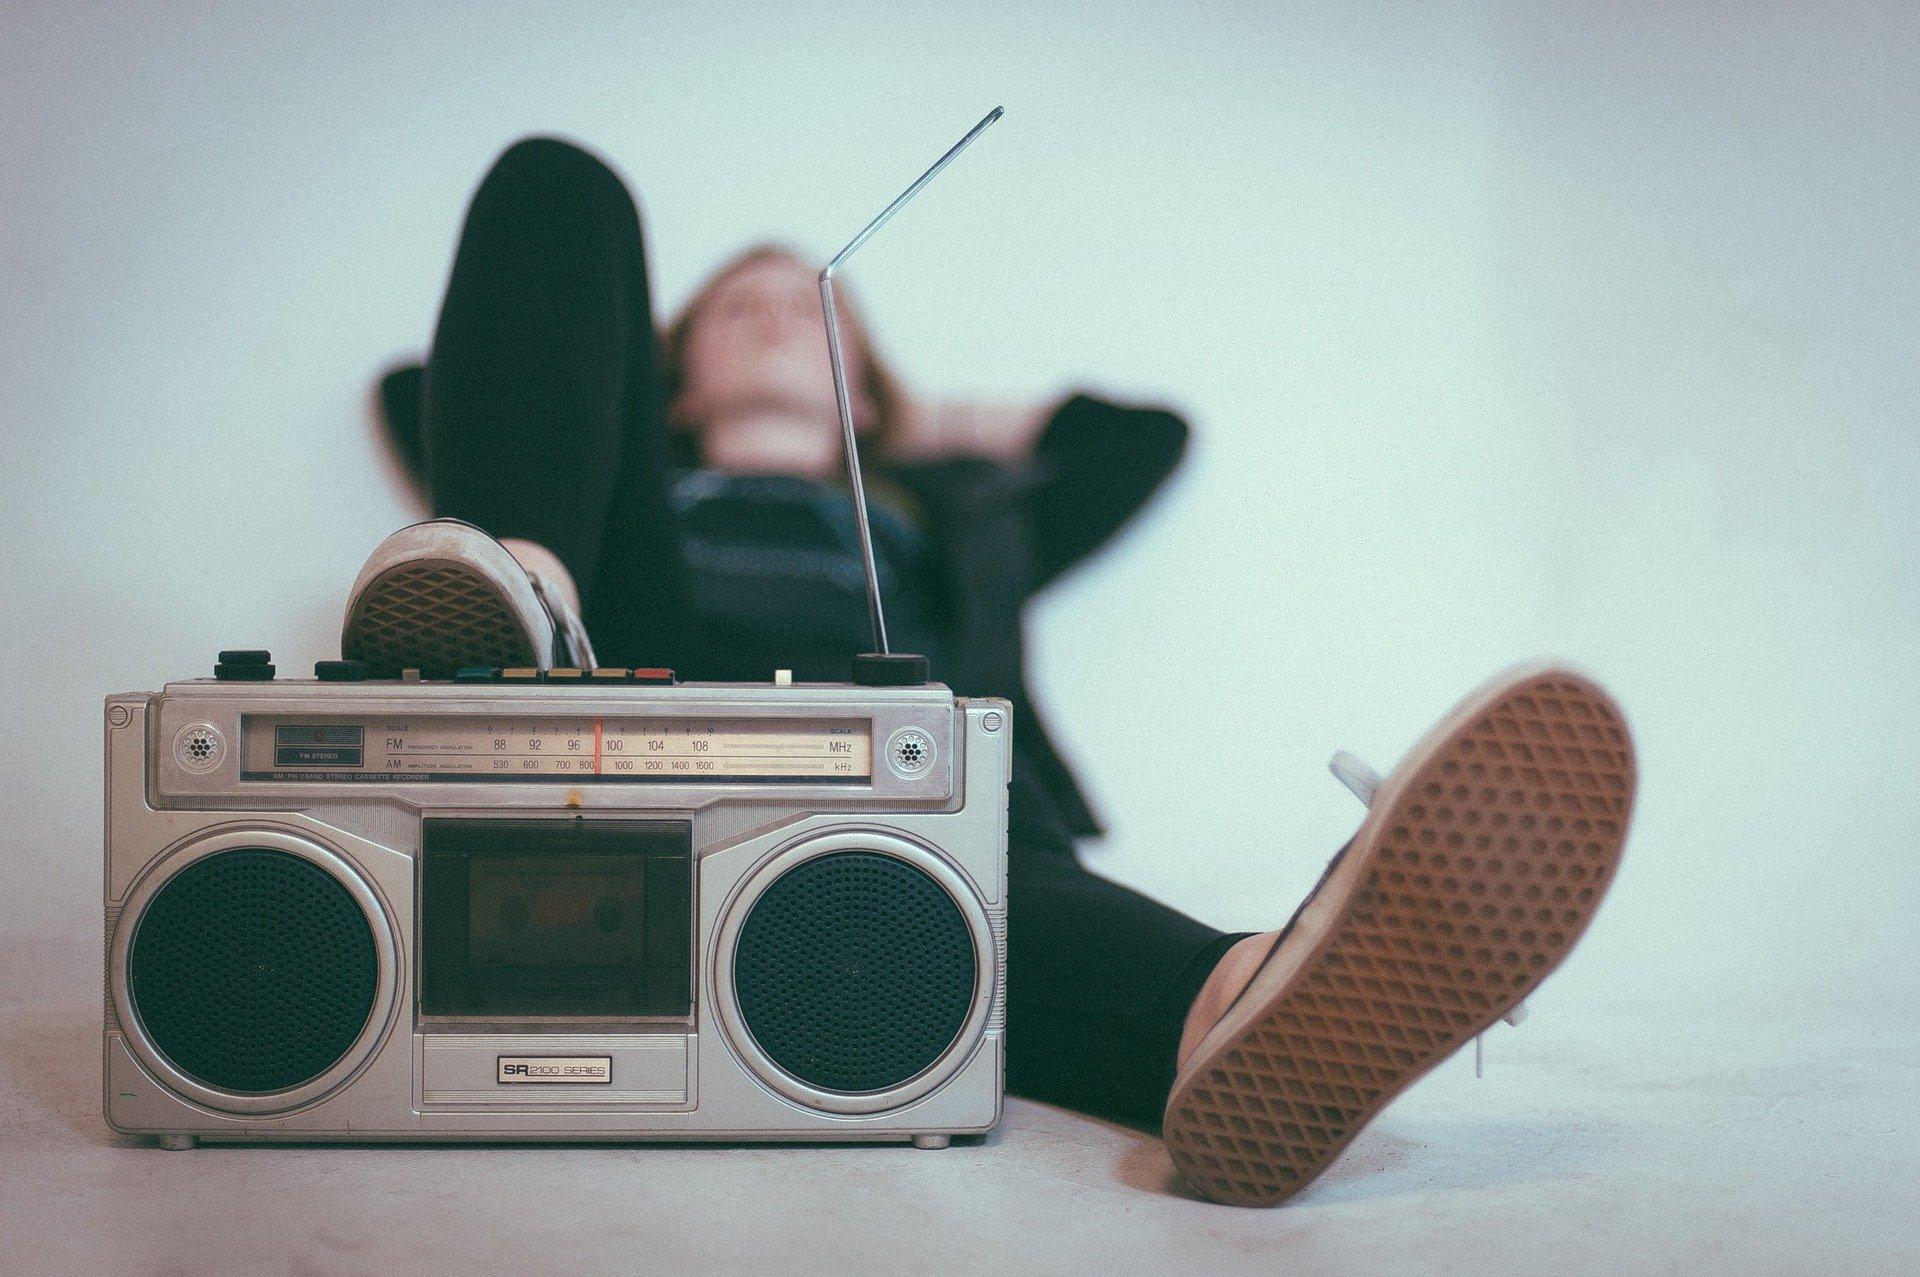 Ein Mann liegt auf dem Rücken und stellt seinen Fuß auf ein Radio mit Antenne